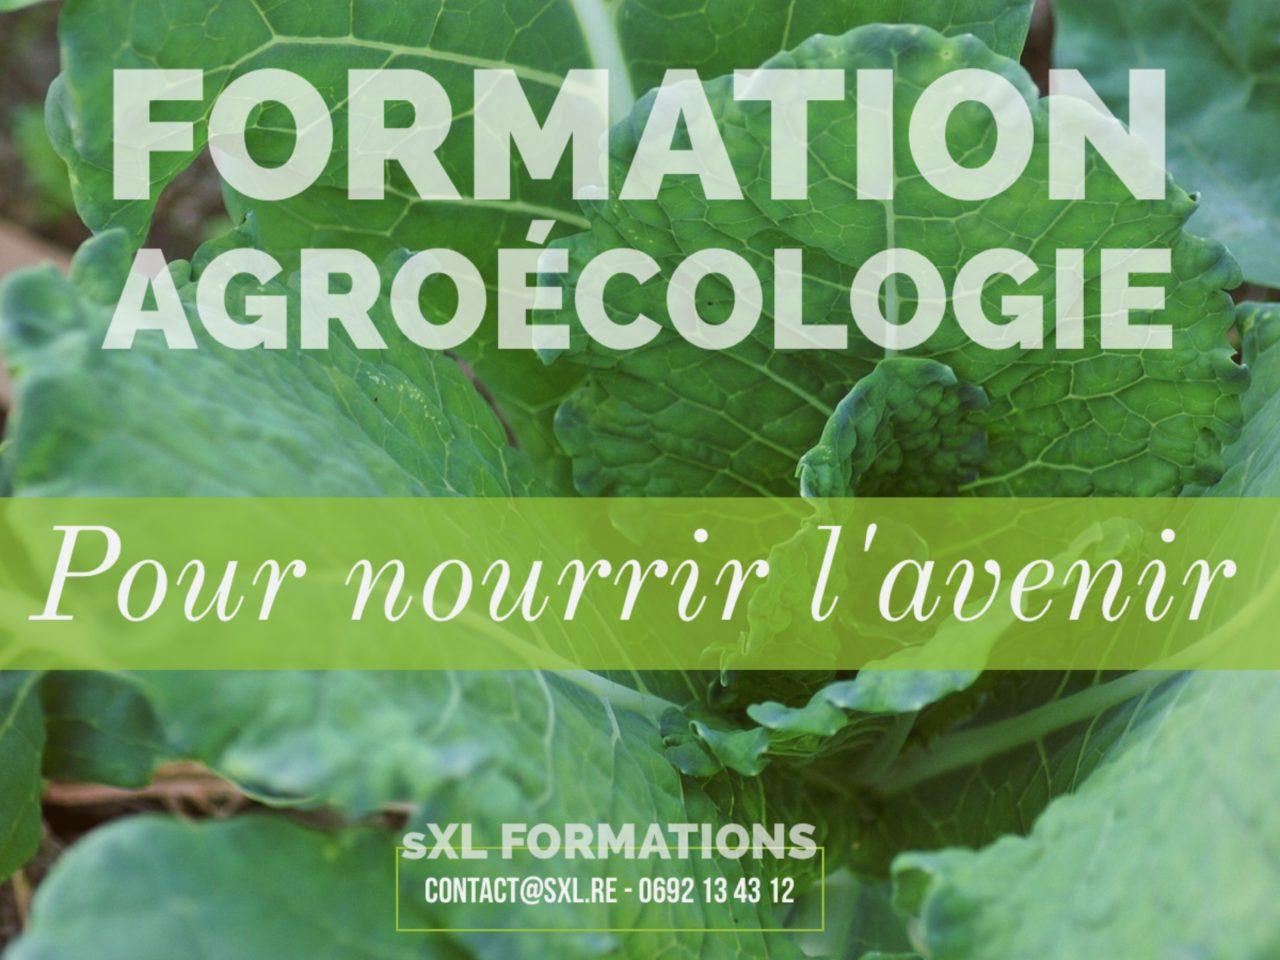 Image formation agriculture bio - Ile de La Réunion